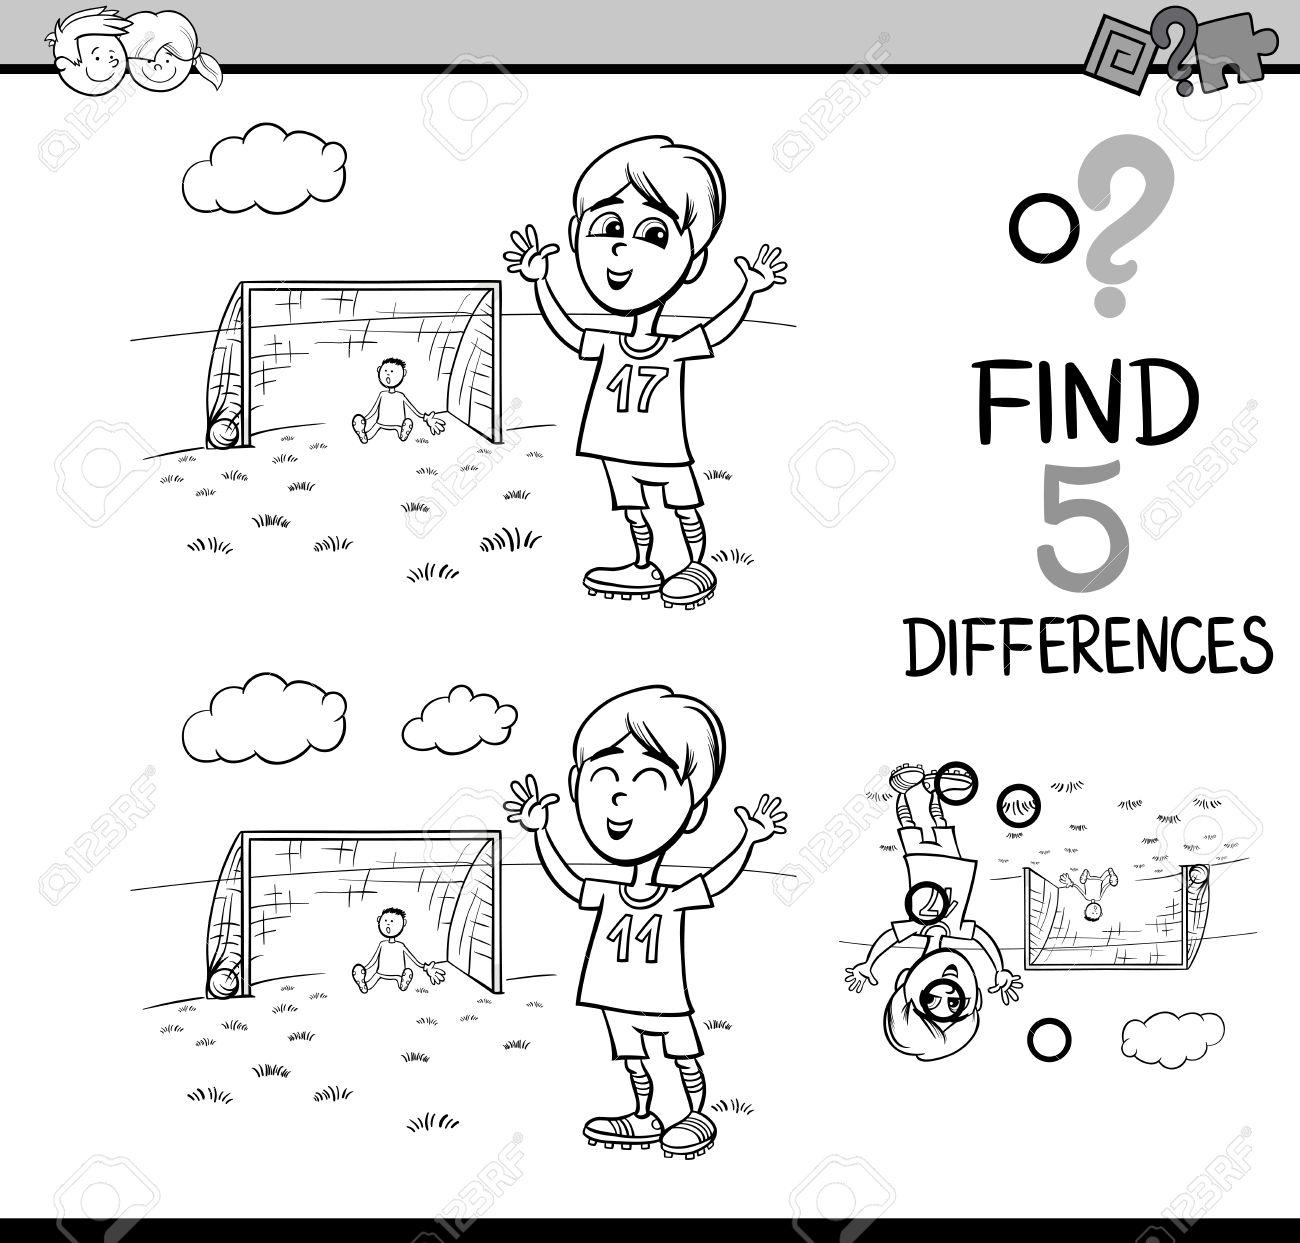 Dibujos Animados De Blanco Y Negro Ilustración De Encontrar Diferencias Actividad Educativa De Tareas Para Niños En Edad Preescolar Con Niño Jugar Al